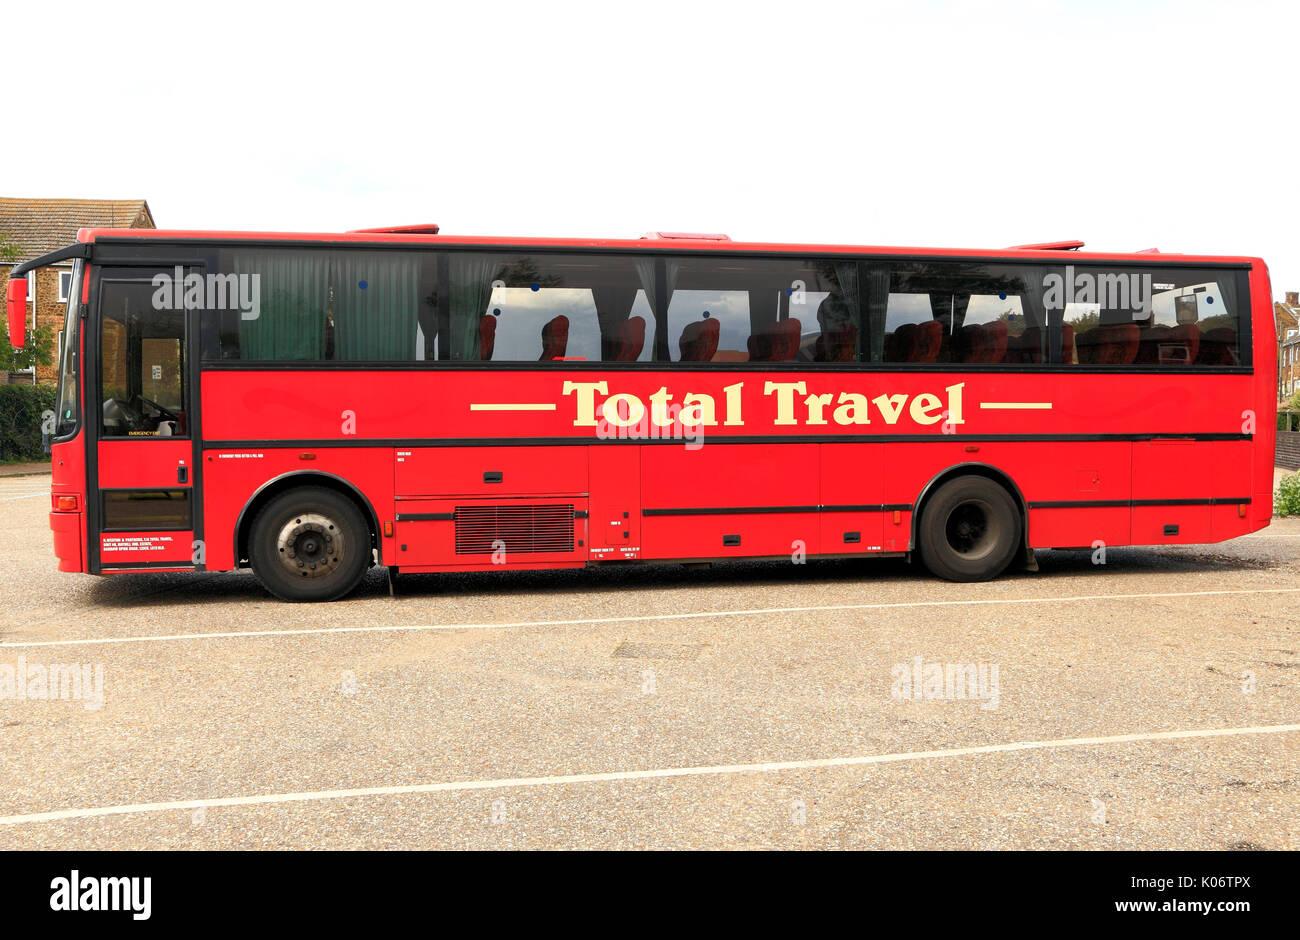 Die gesamte Reise, Coach, Trainer, Tagesausflüge, Reise, Ausflug, Ausflüge, Firma, Unternehmen, England, Großbritannien Stockbild